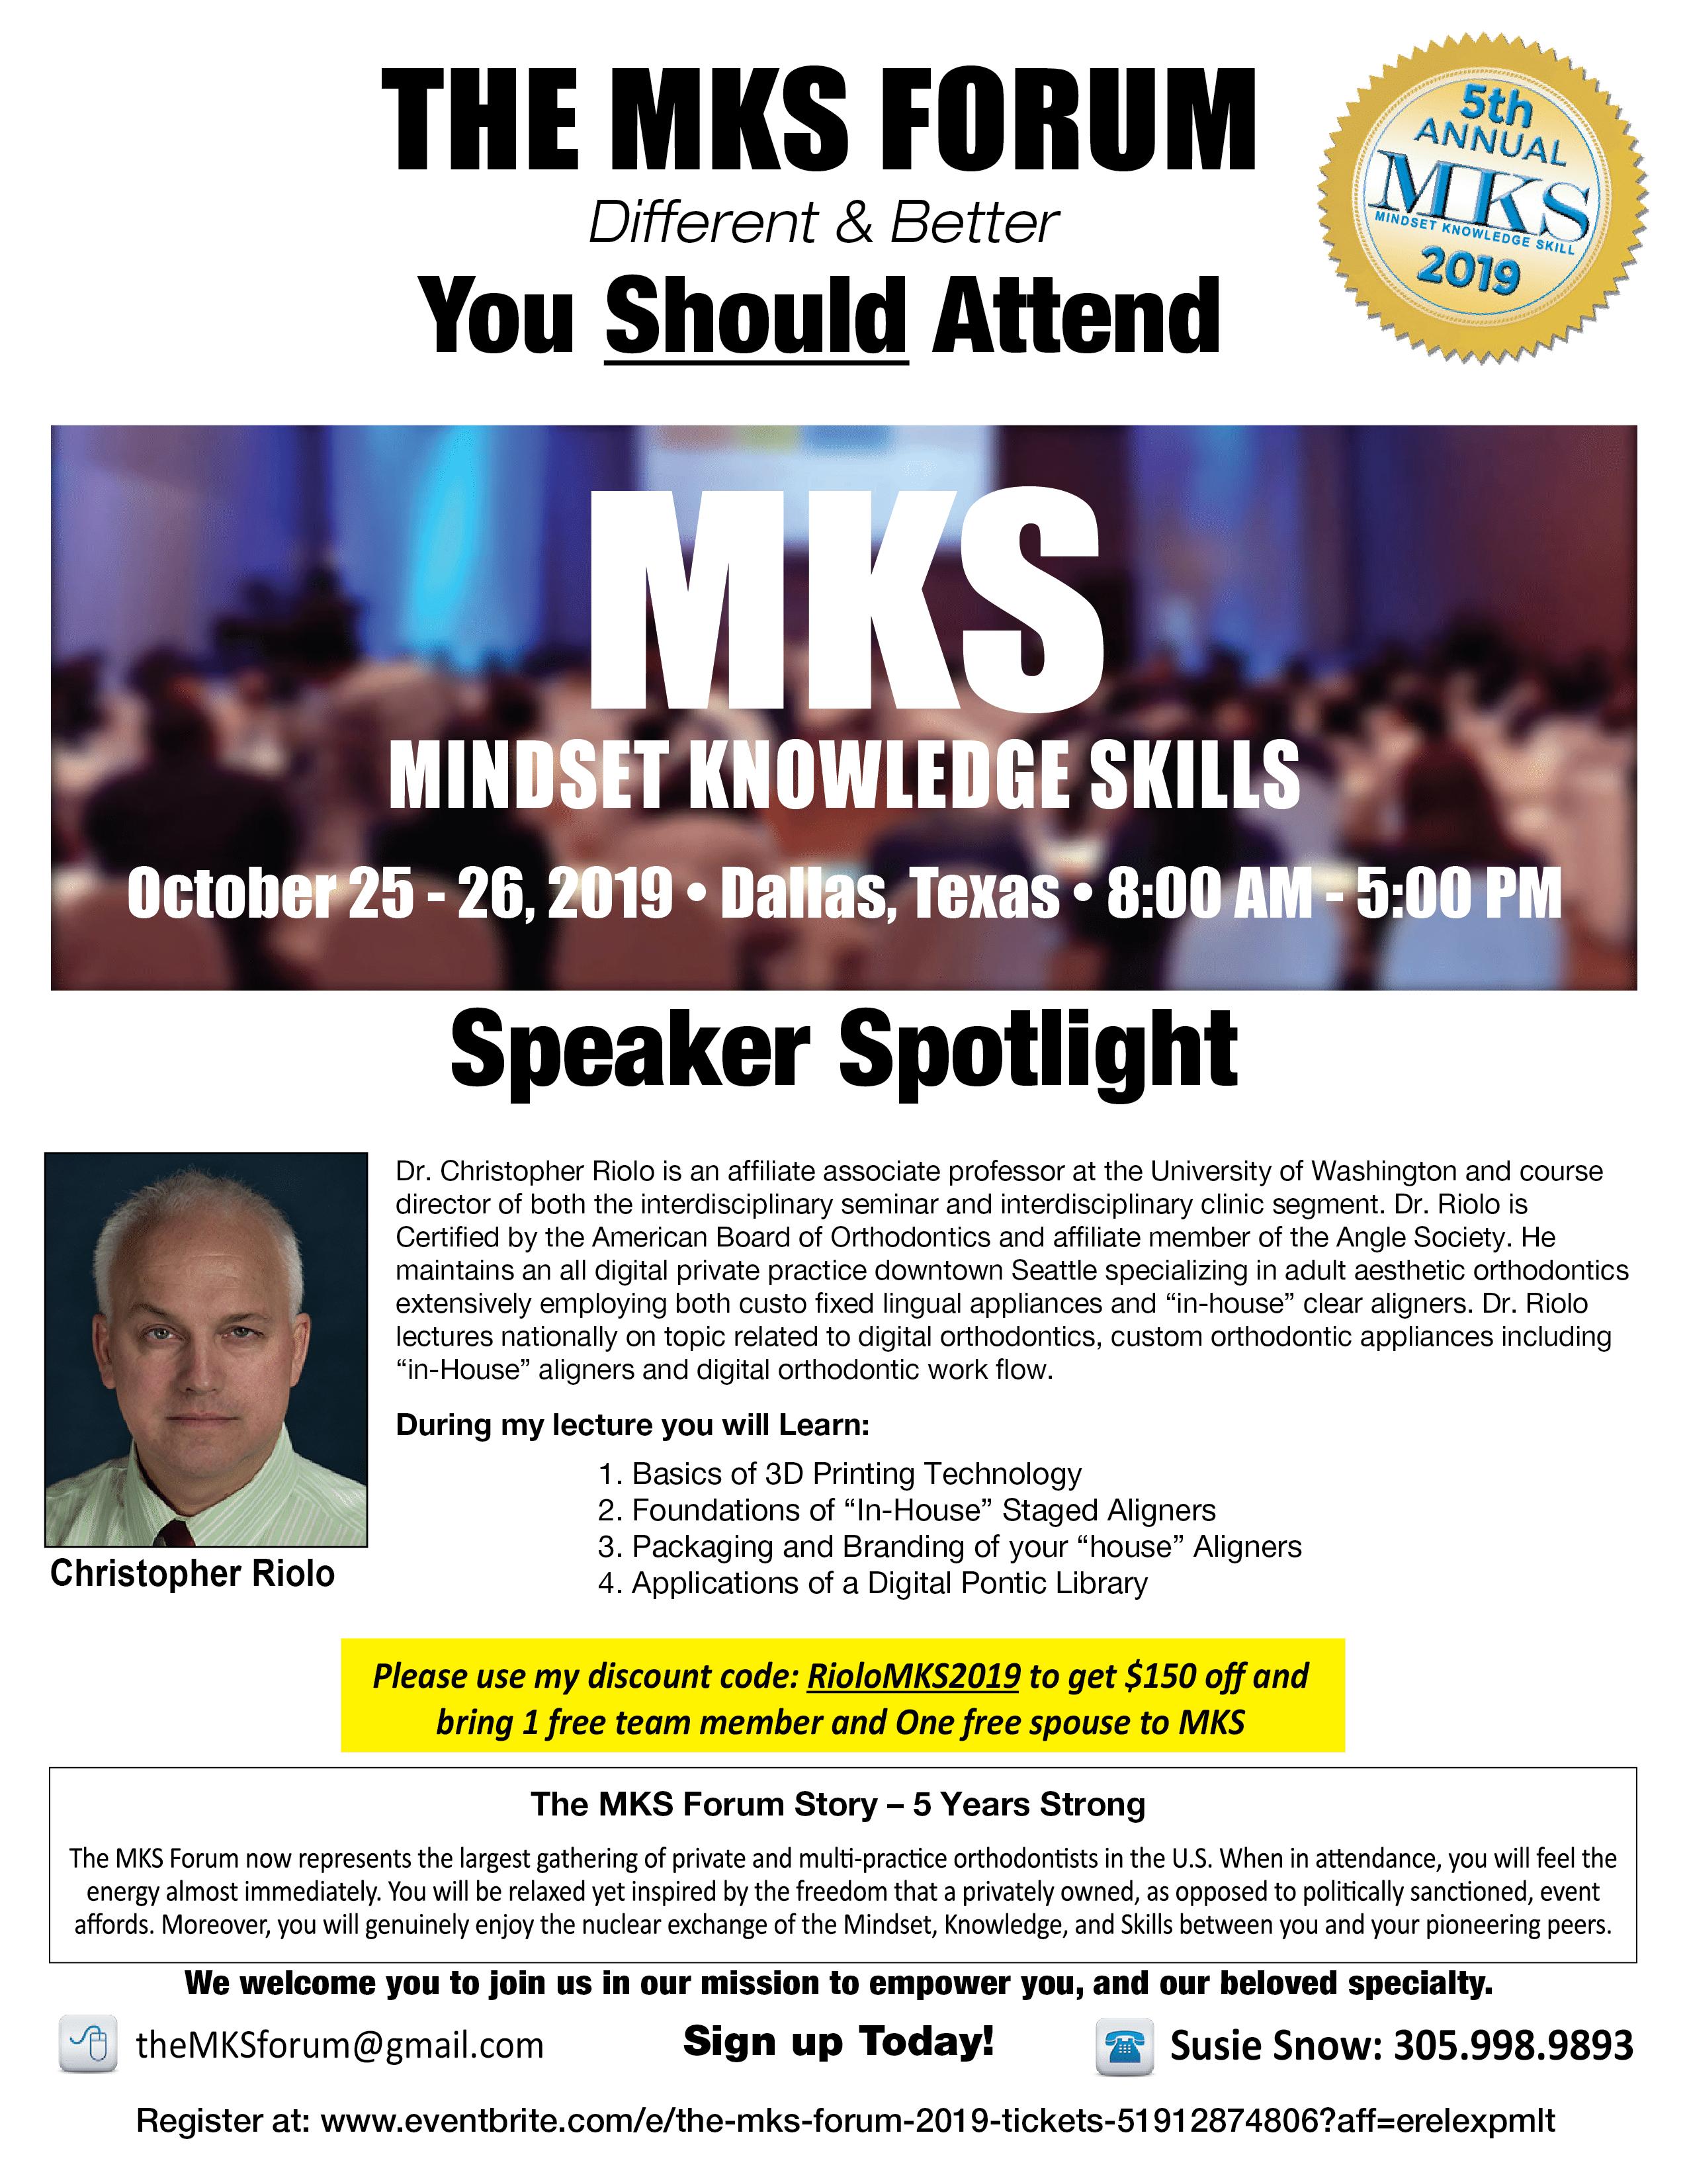 MKS event information